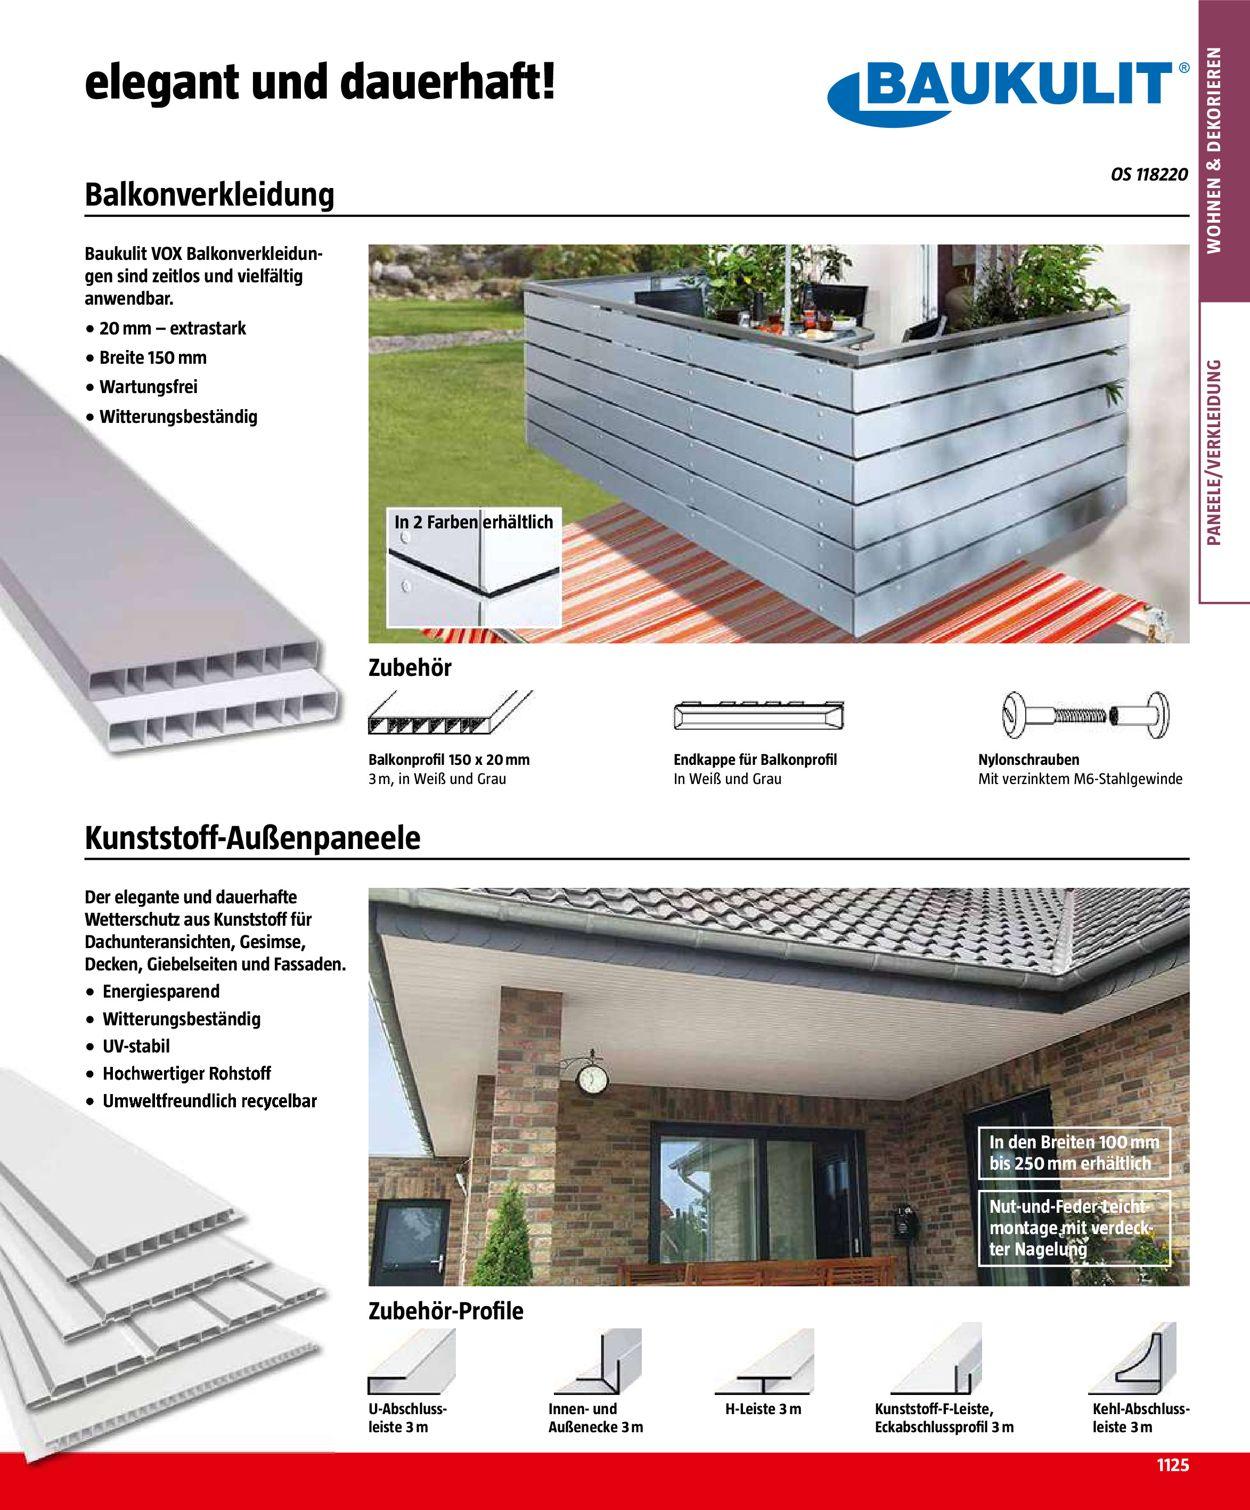 Bauhaus Aktueller Prospekt 04 10 31 01 2020 1125 Jedewoche